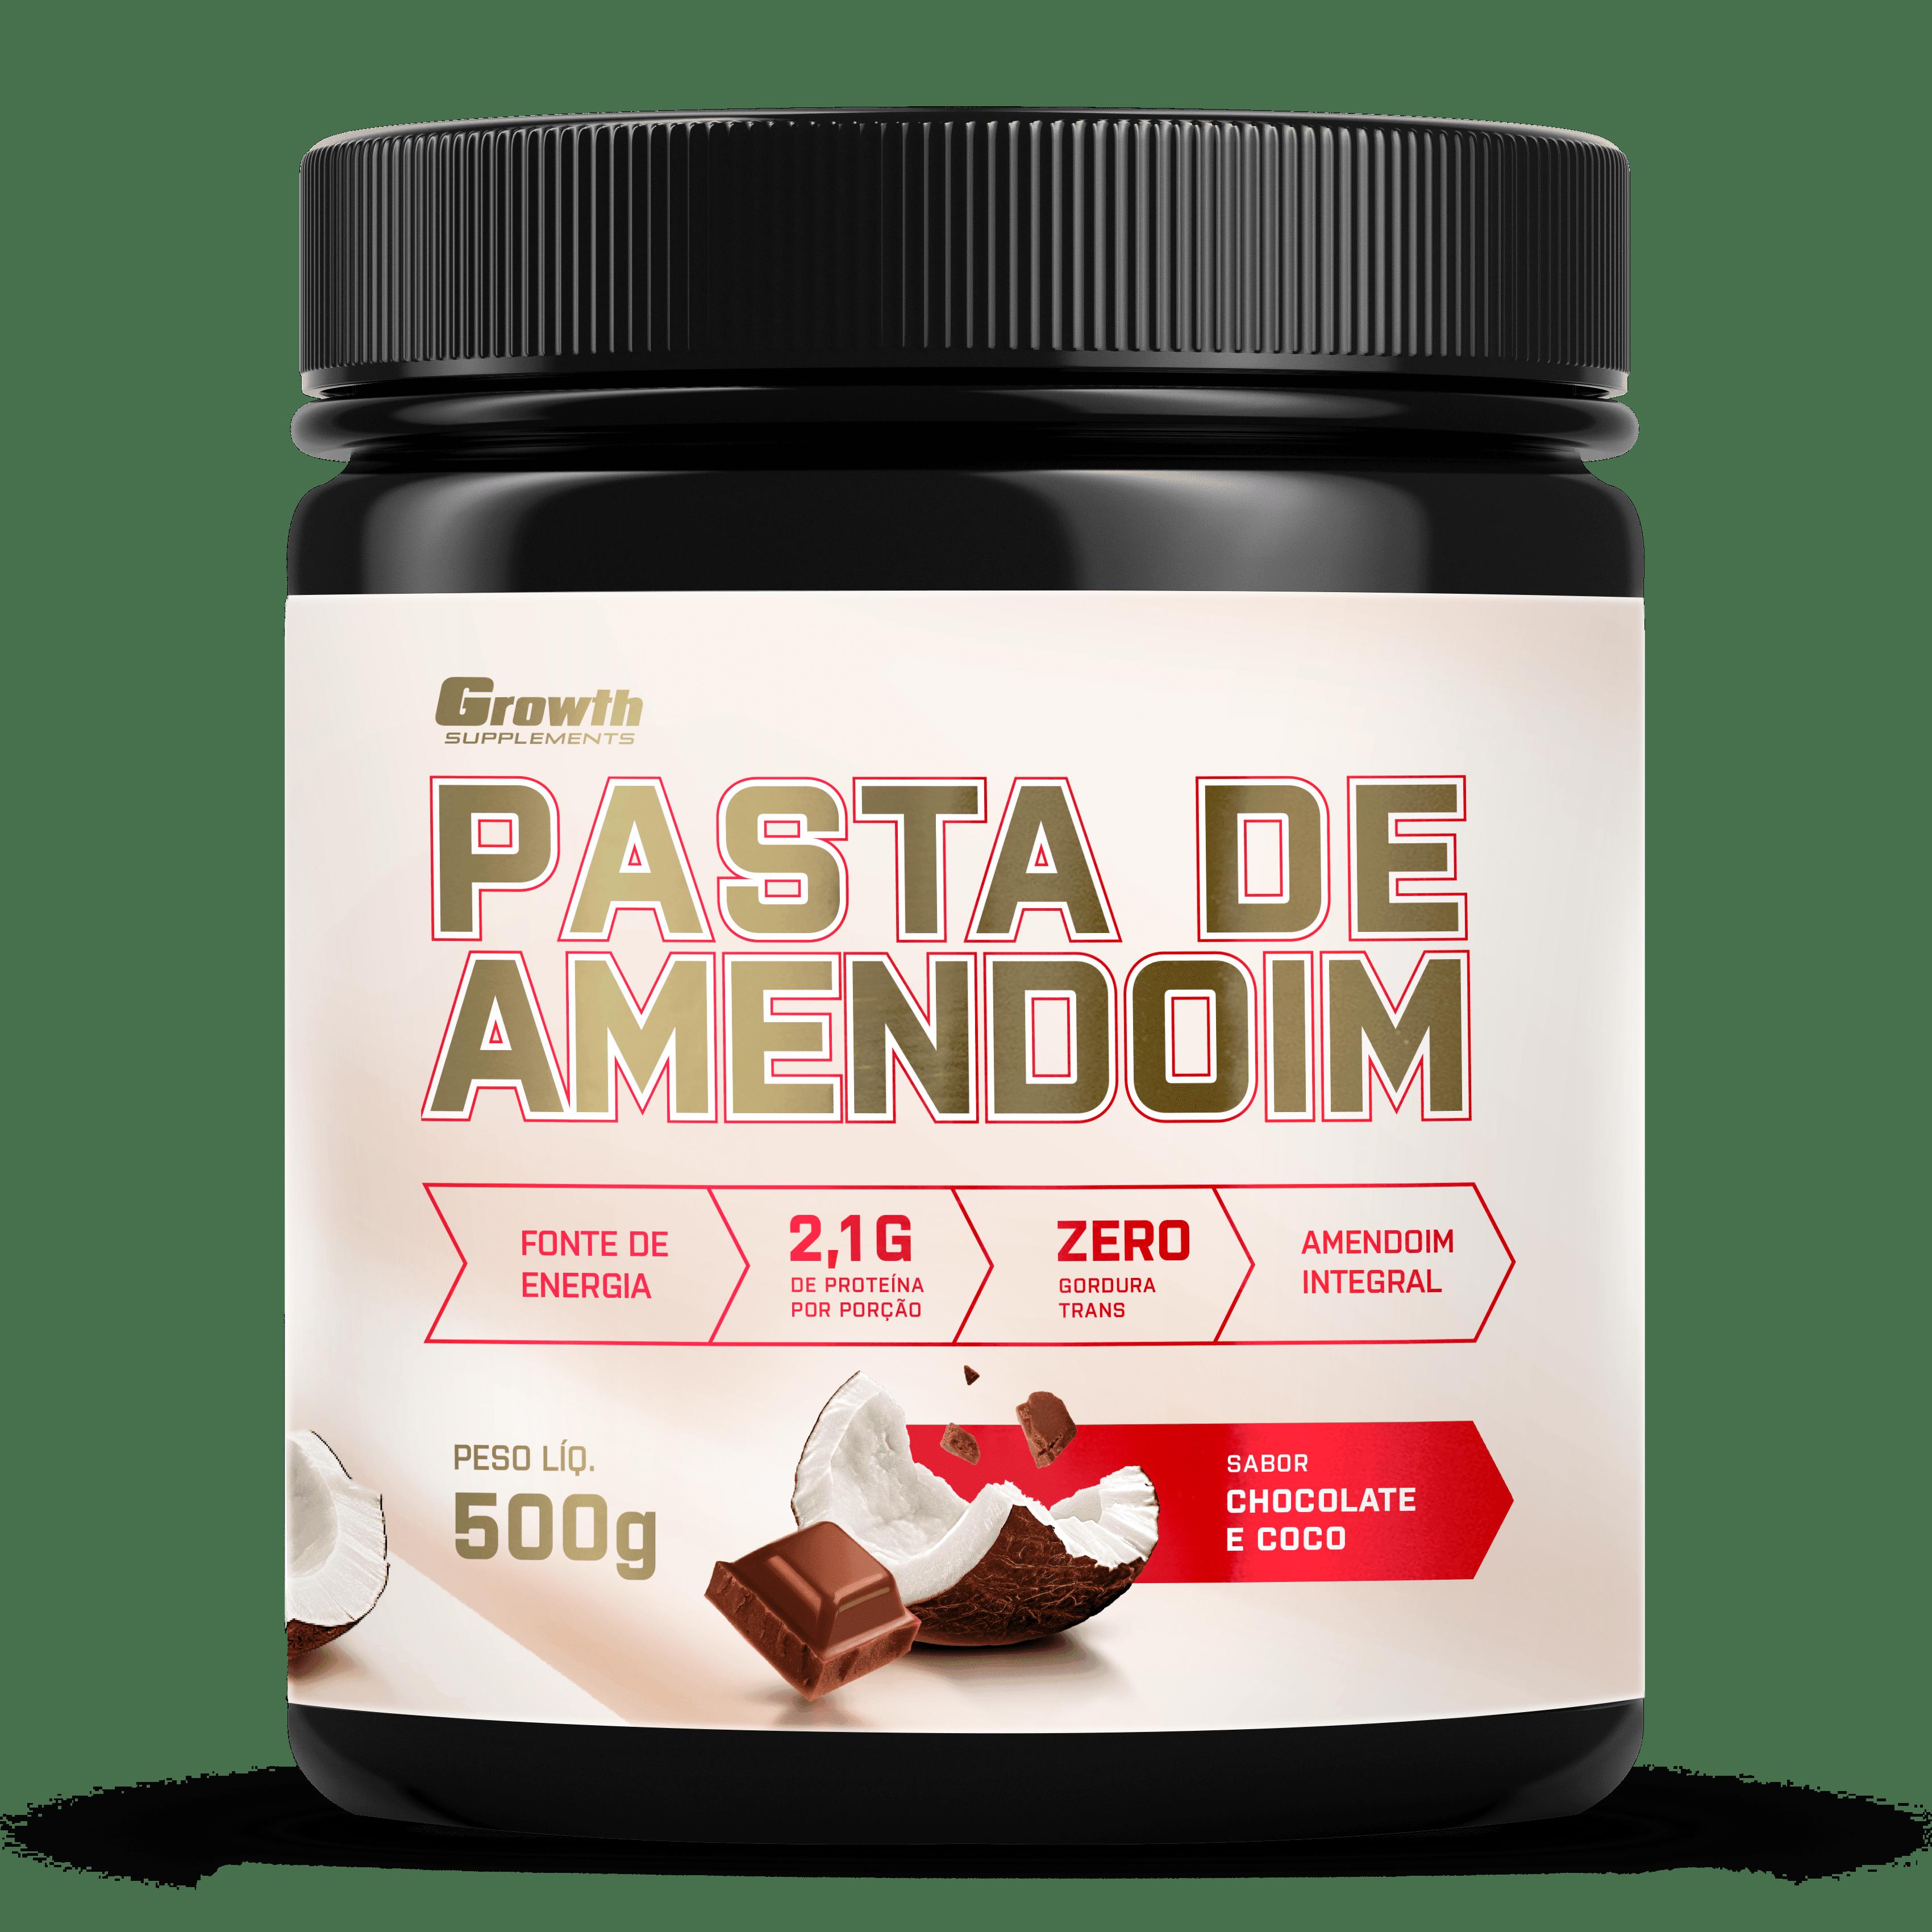 Pasta de Amendoim Chocolate com coco